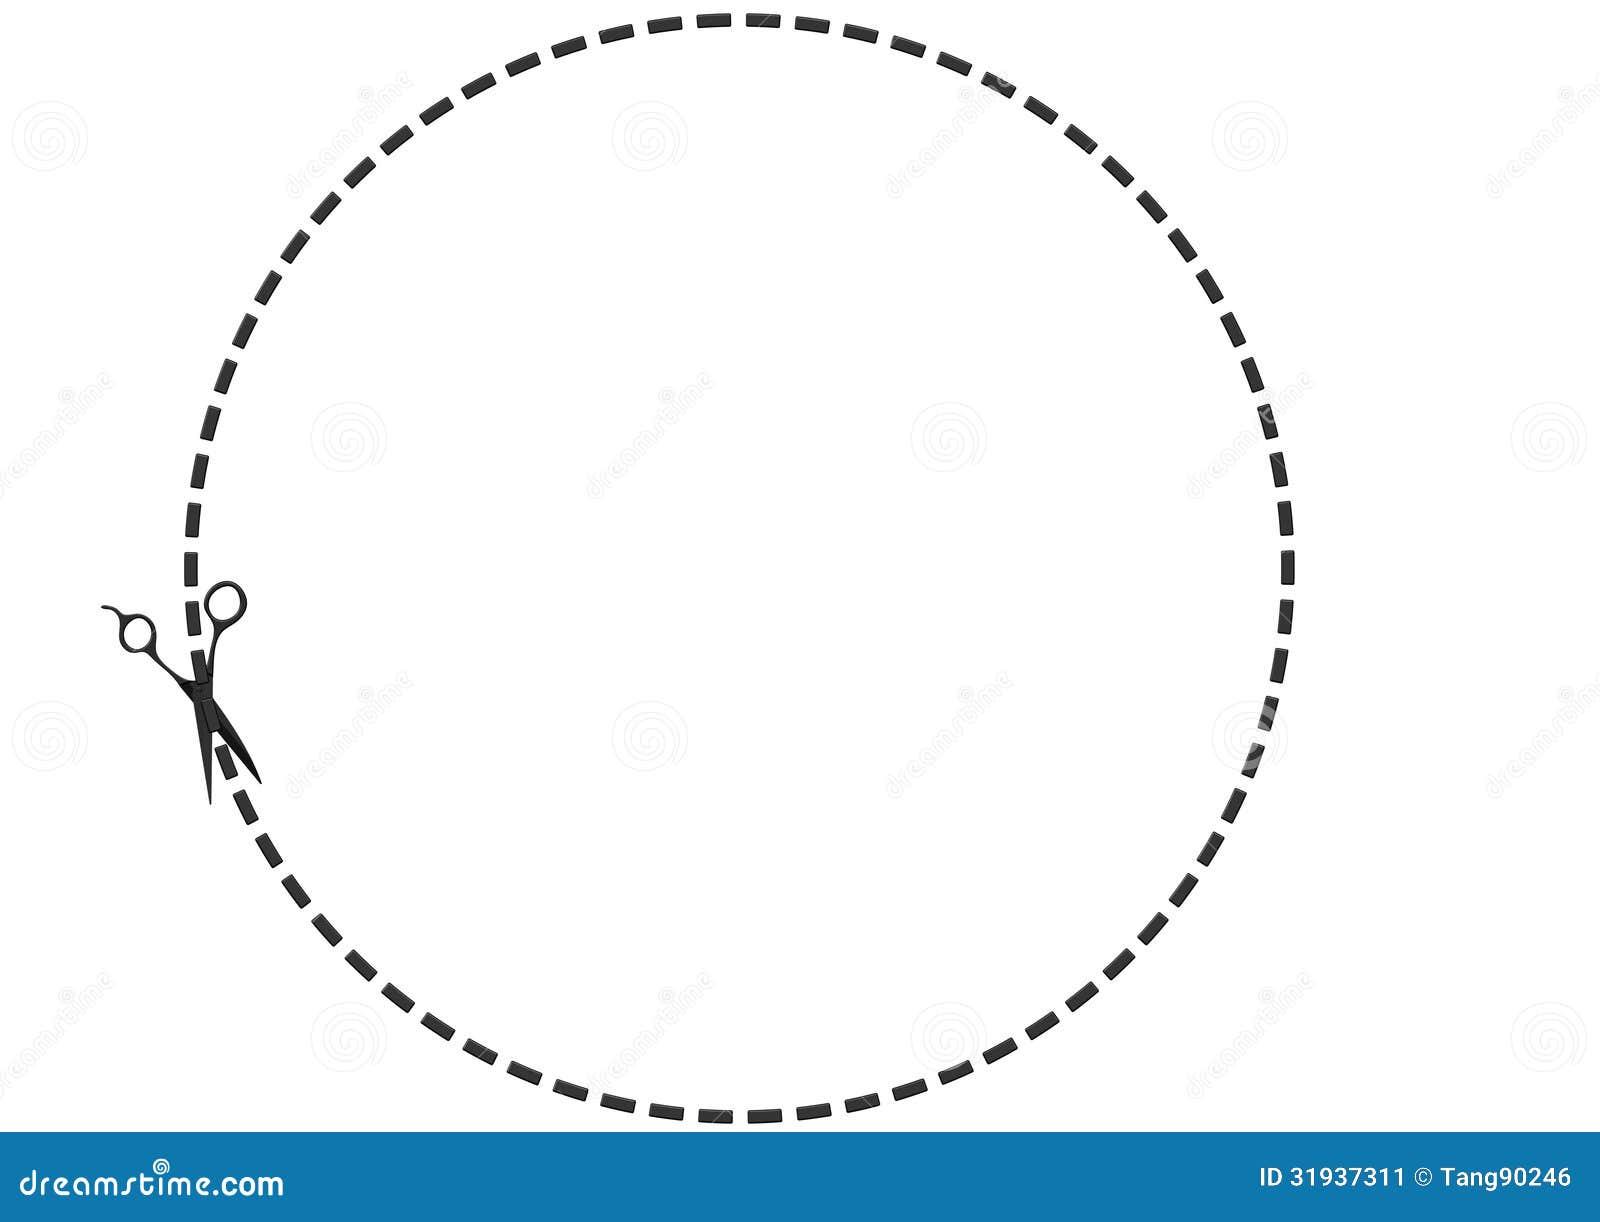 Как в фотошопе сделать круги одинакового размера